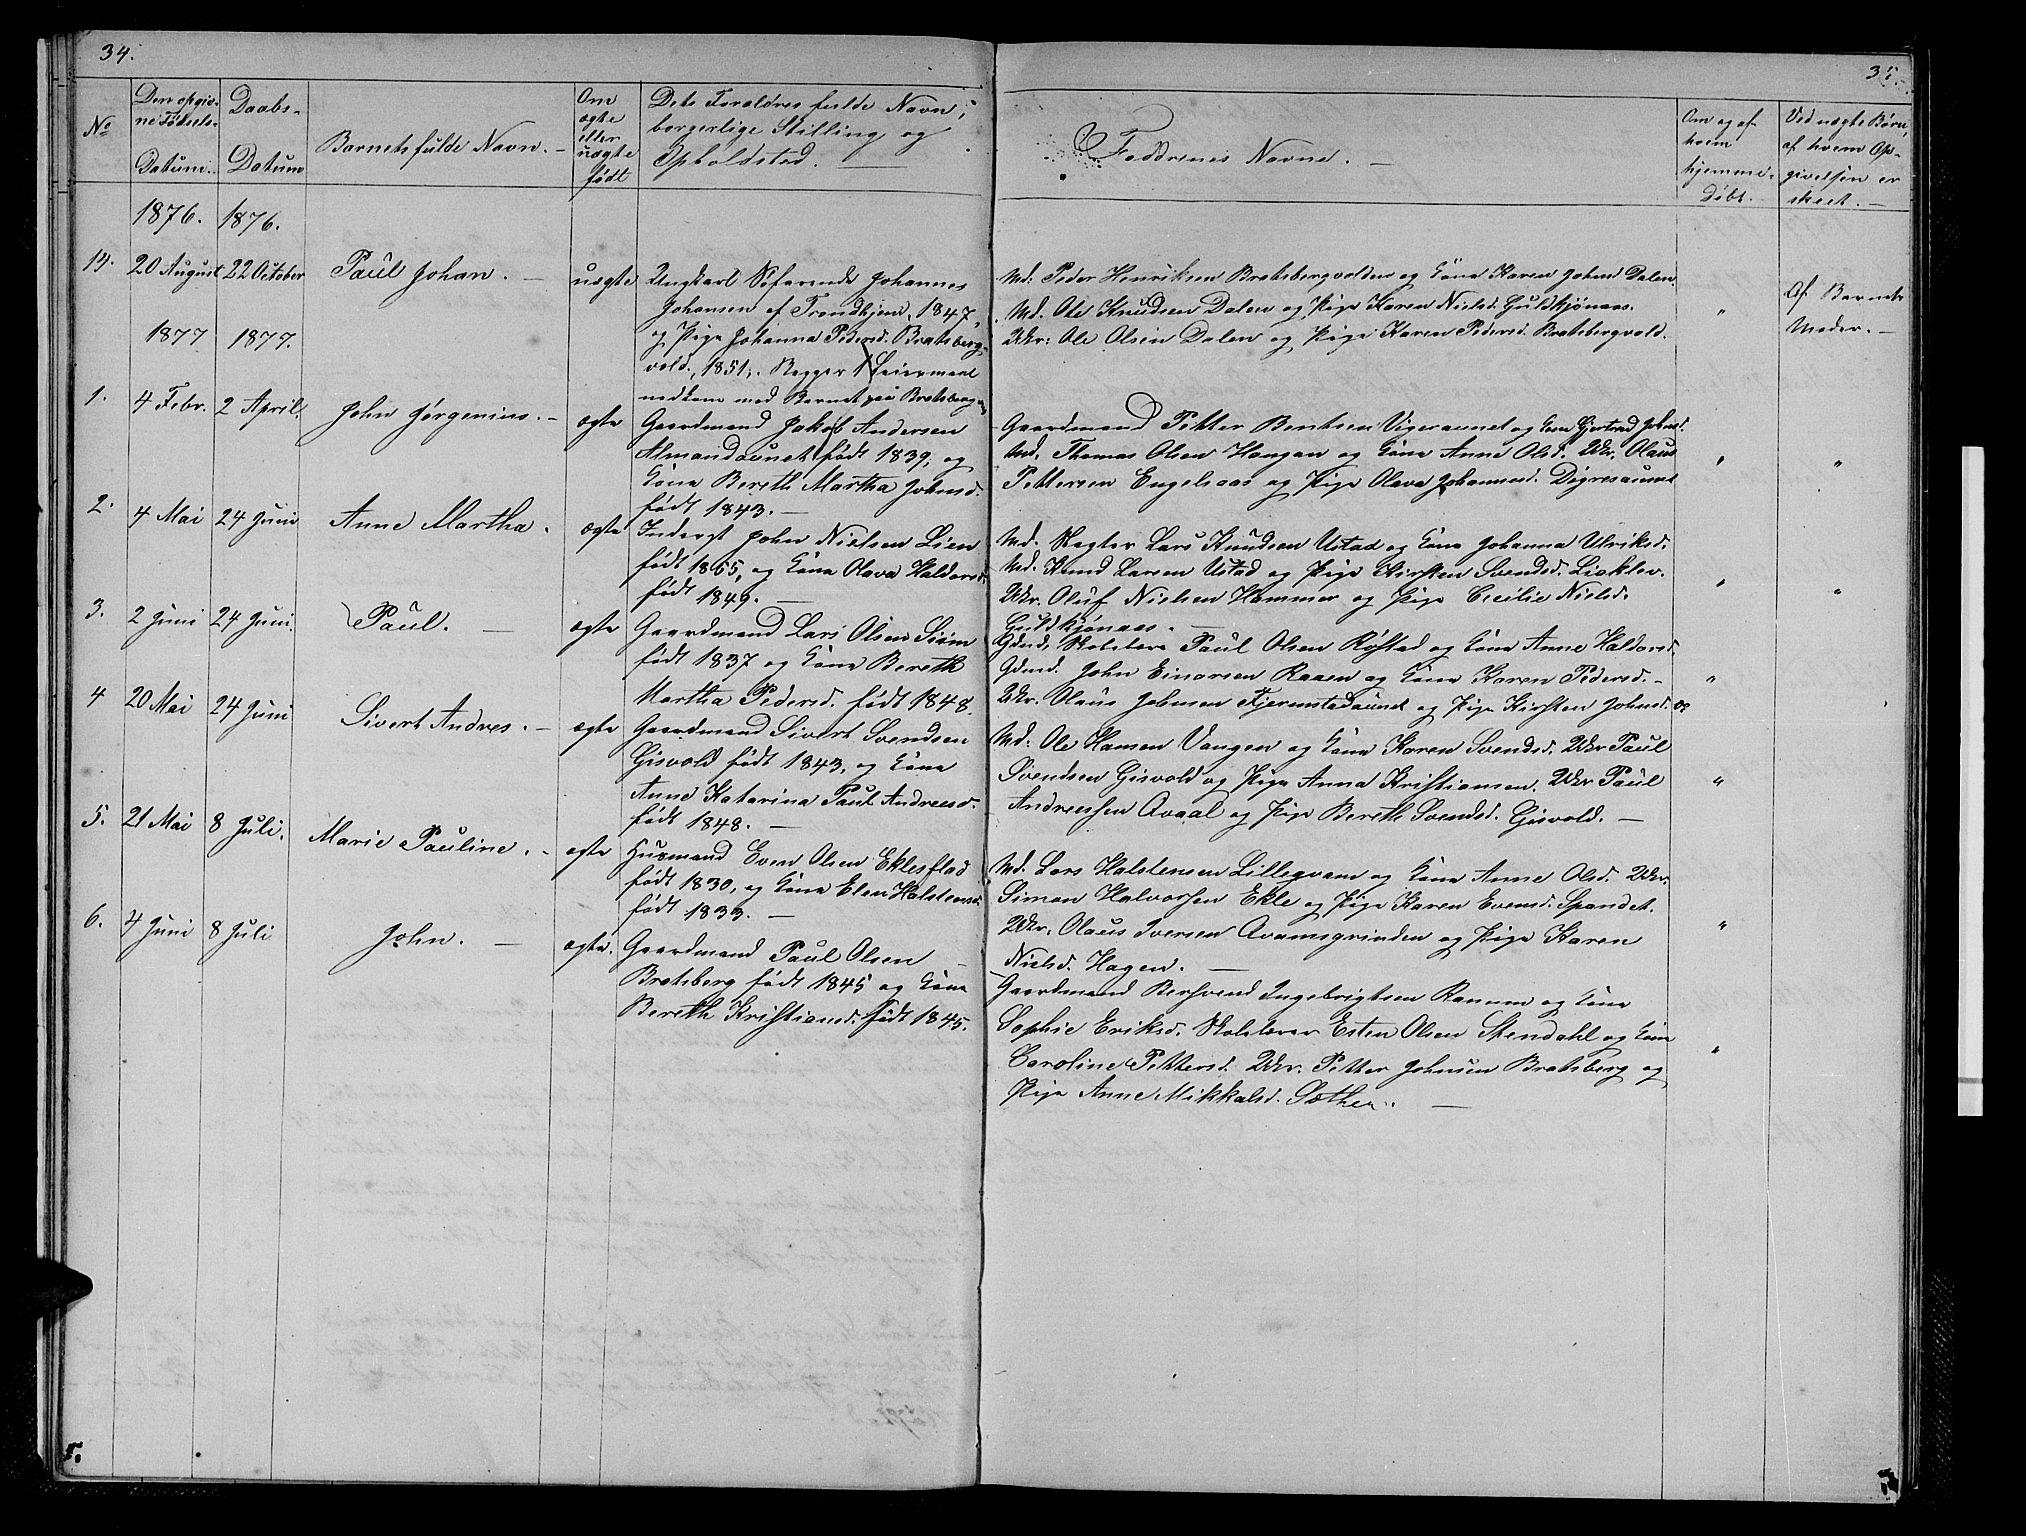 SAT, Ministerialprotokoller, klokkerbøker og fødselsregistre - Sør-Trøndelag, 608/L0340: Klokkerbok nr. 608C06, 1864-1889, s. 34-35